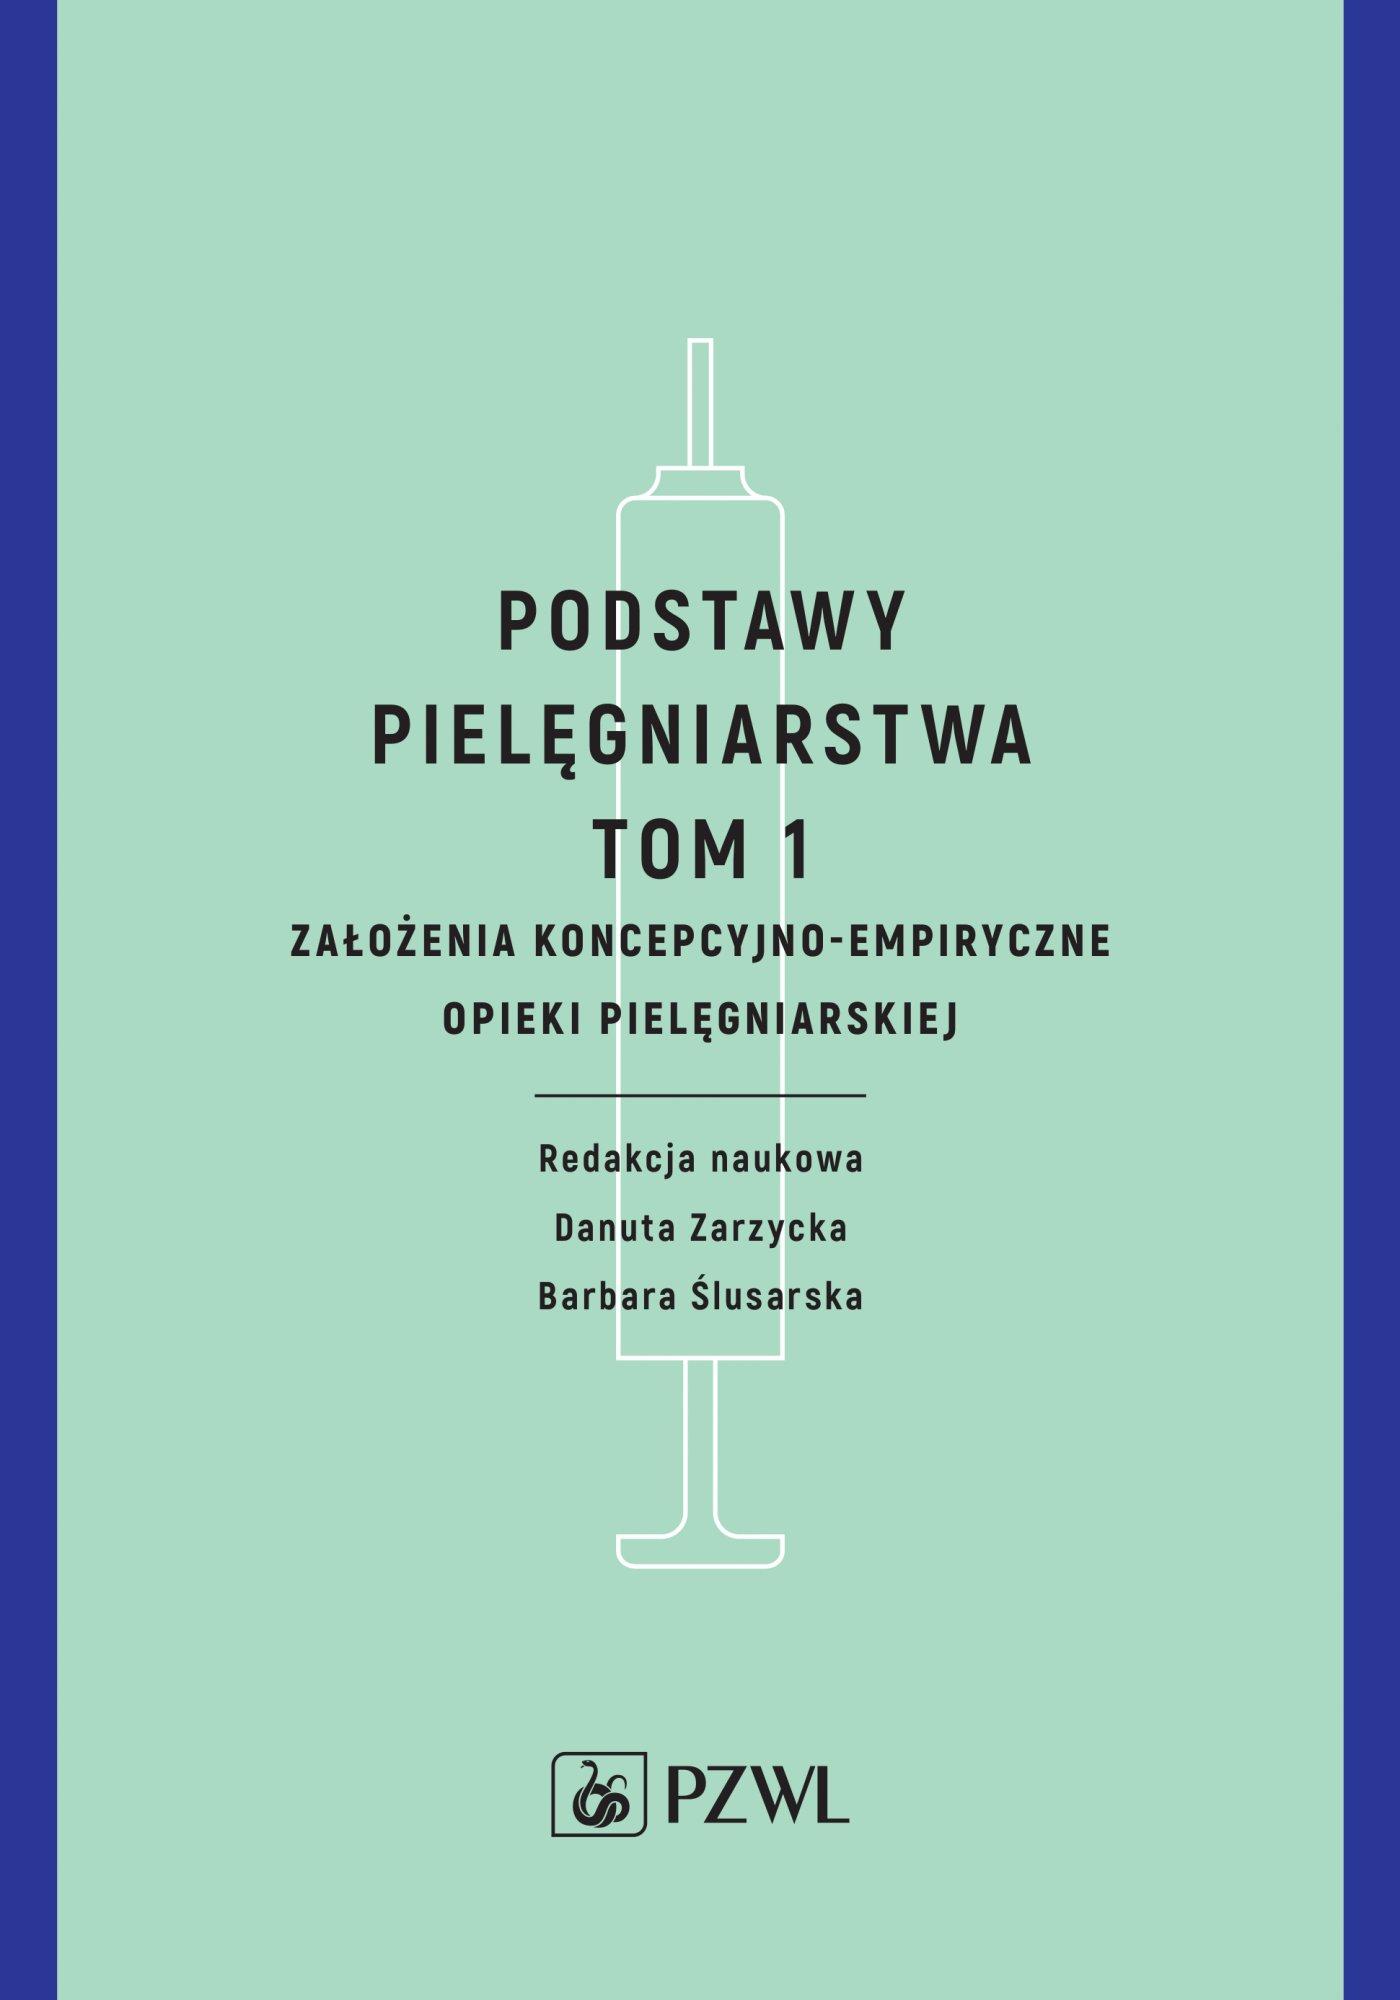 Podstawy pielęgniarstwa. Tom 1. Założenia koncepcyjno-empiryczne opieki pielęgniarskiej - Ebook (Książka EPUB) do pobrania w formacie EPUB